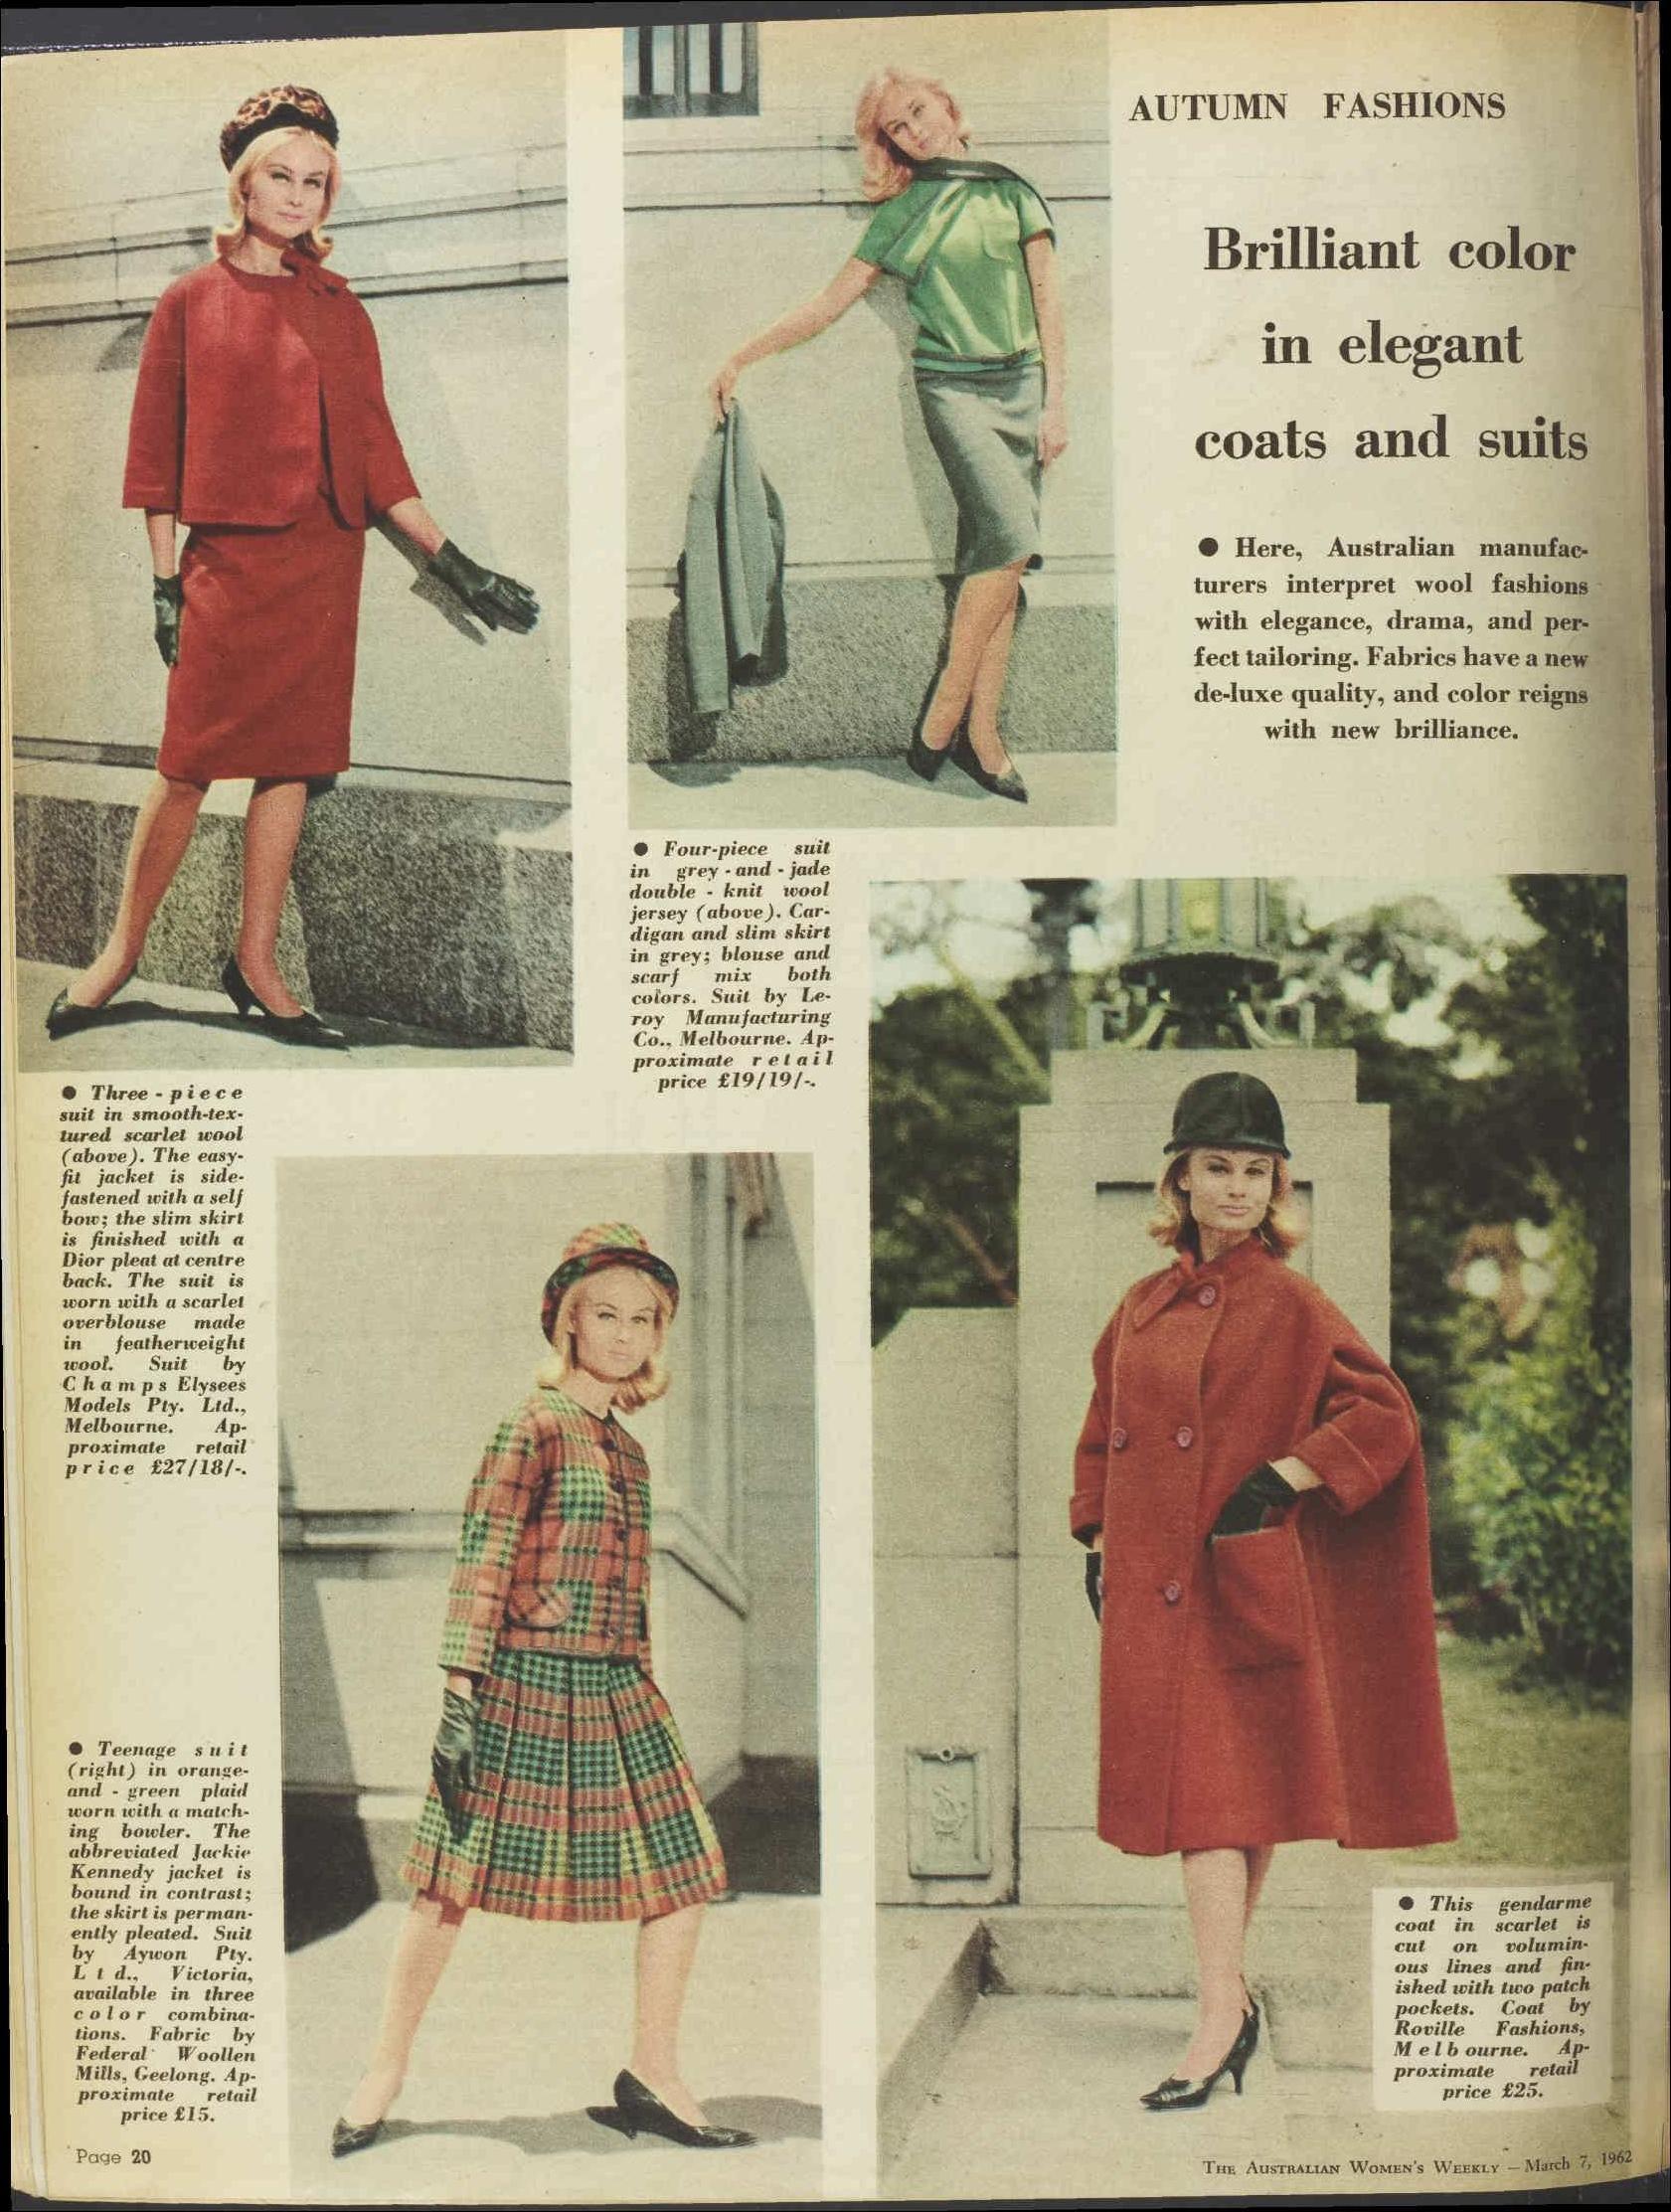 Issue 7 Mar 1962 The Australian Women S Week Elegant Coats Autumn Fashion Women